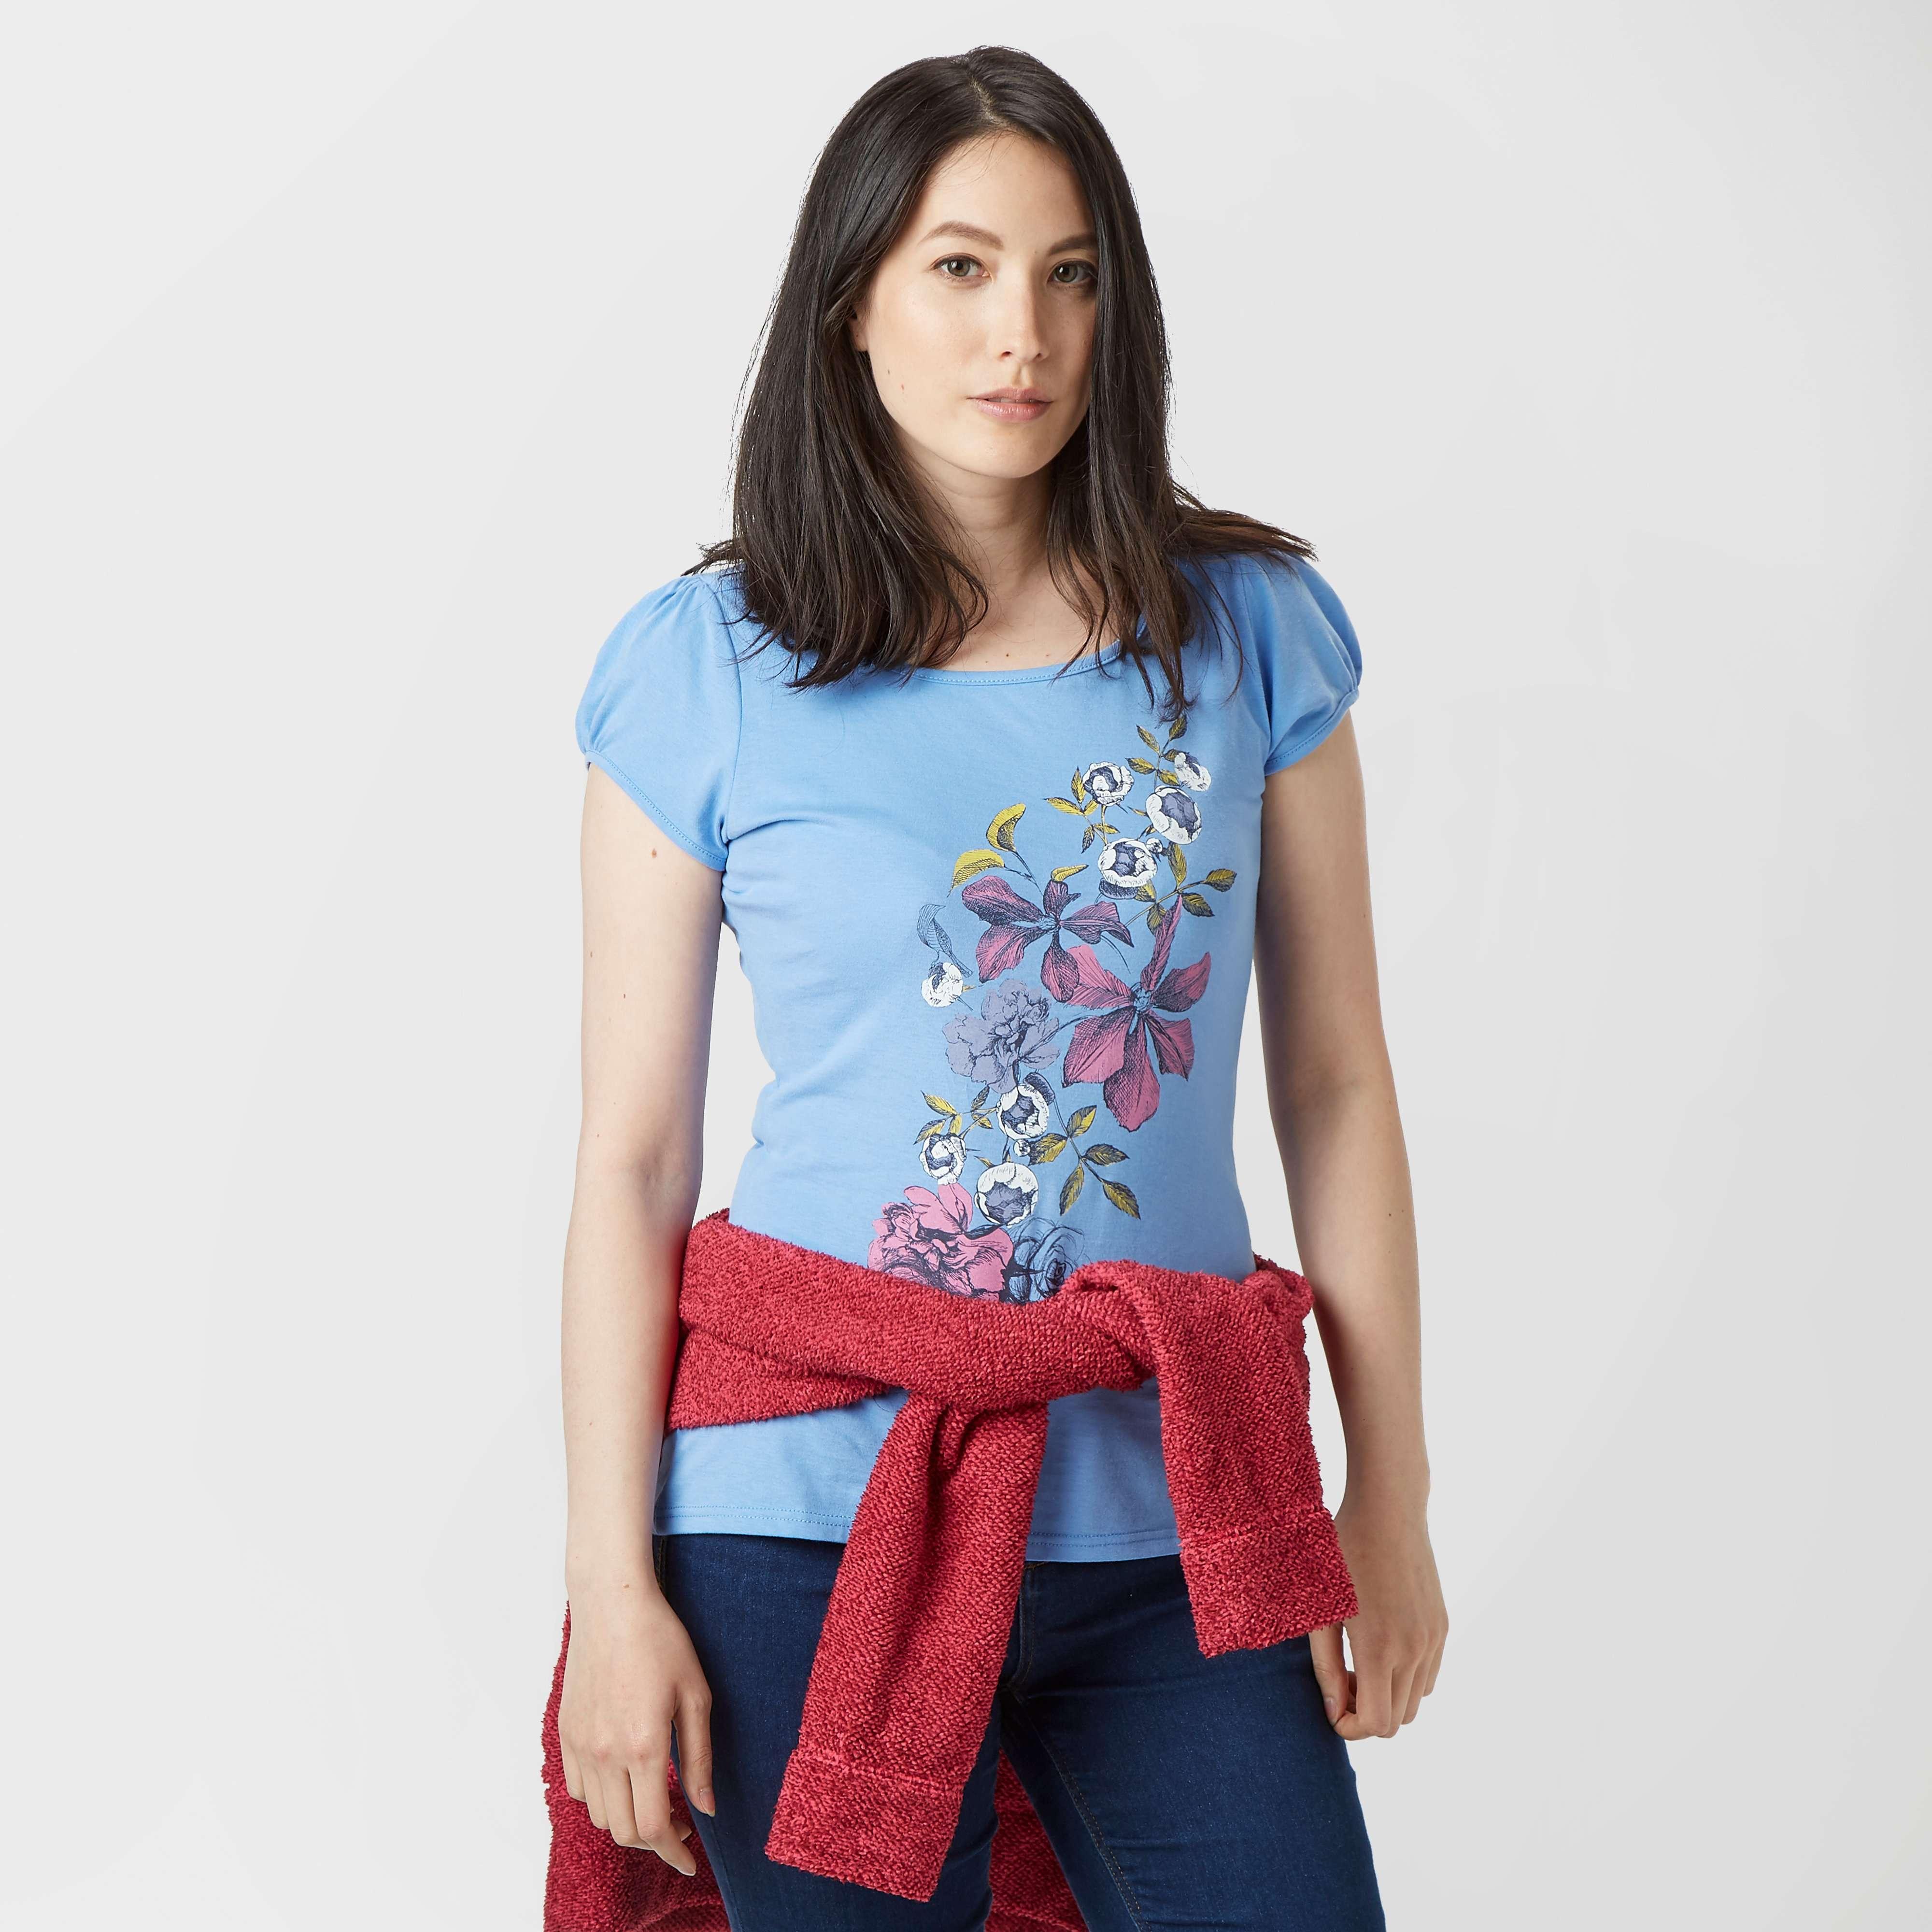 PETER STORM Women's Birdy Floral T-shirt